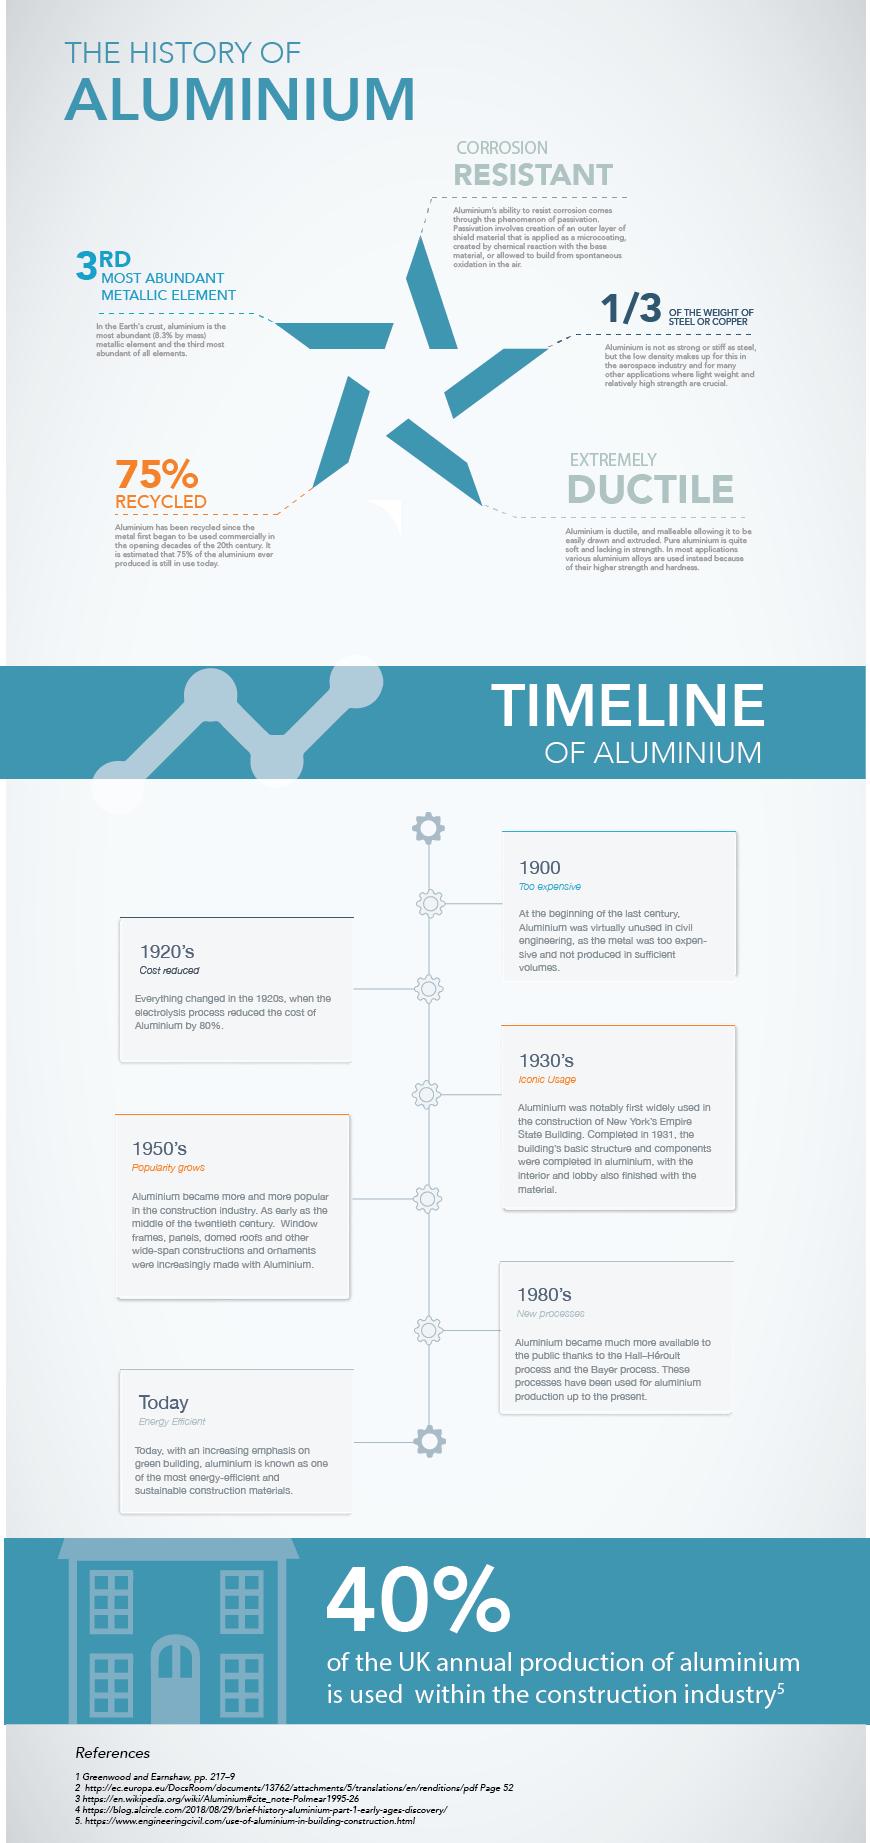 Stellar History of Aluminium